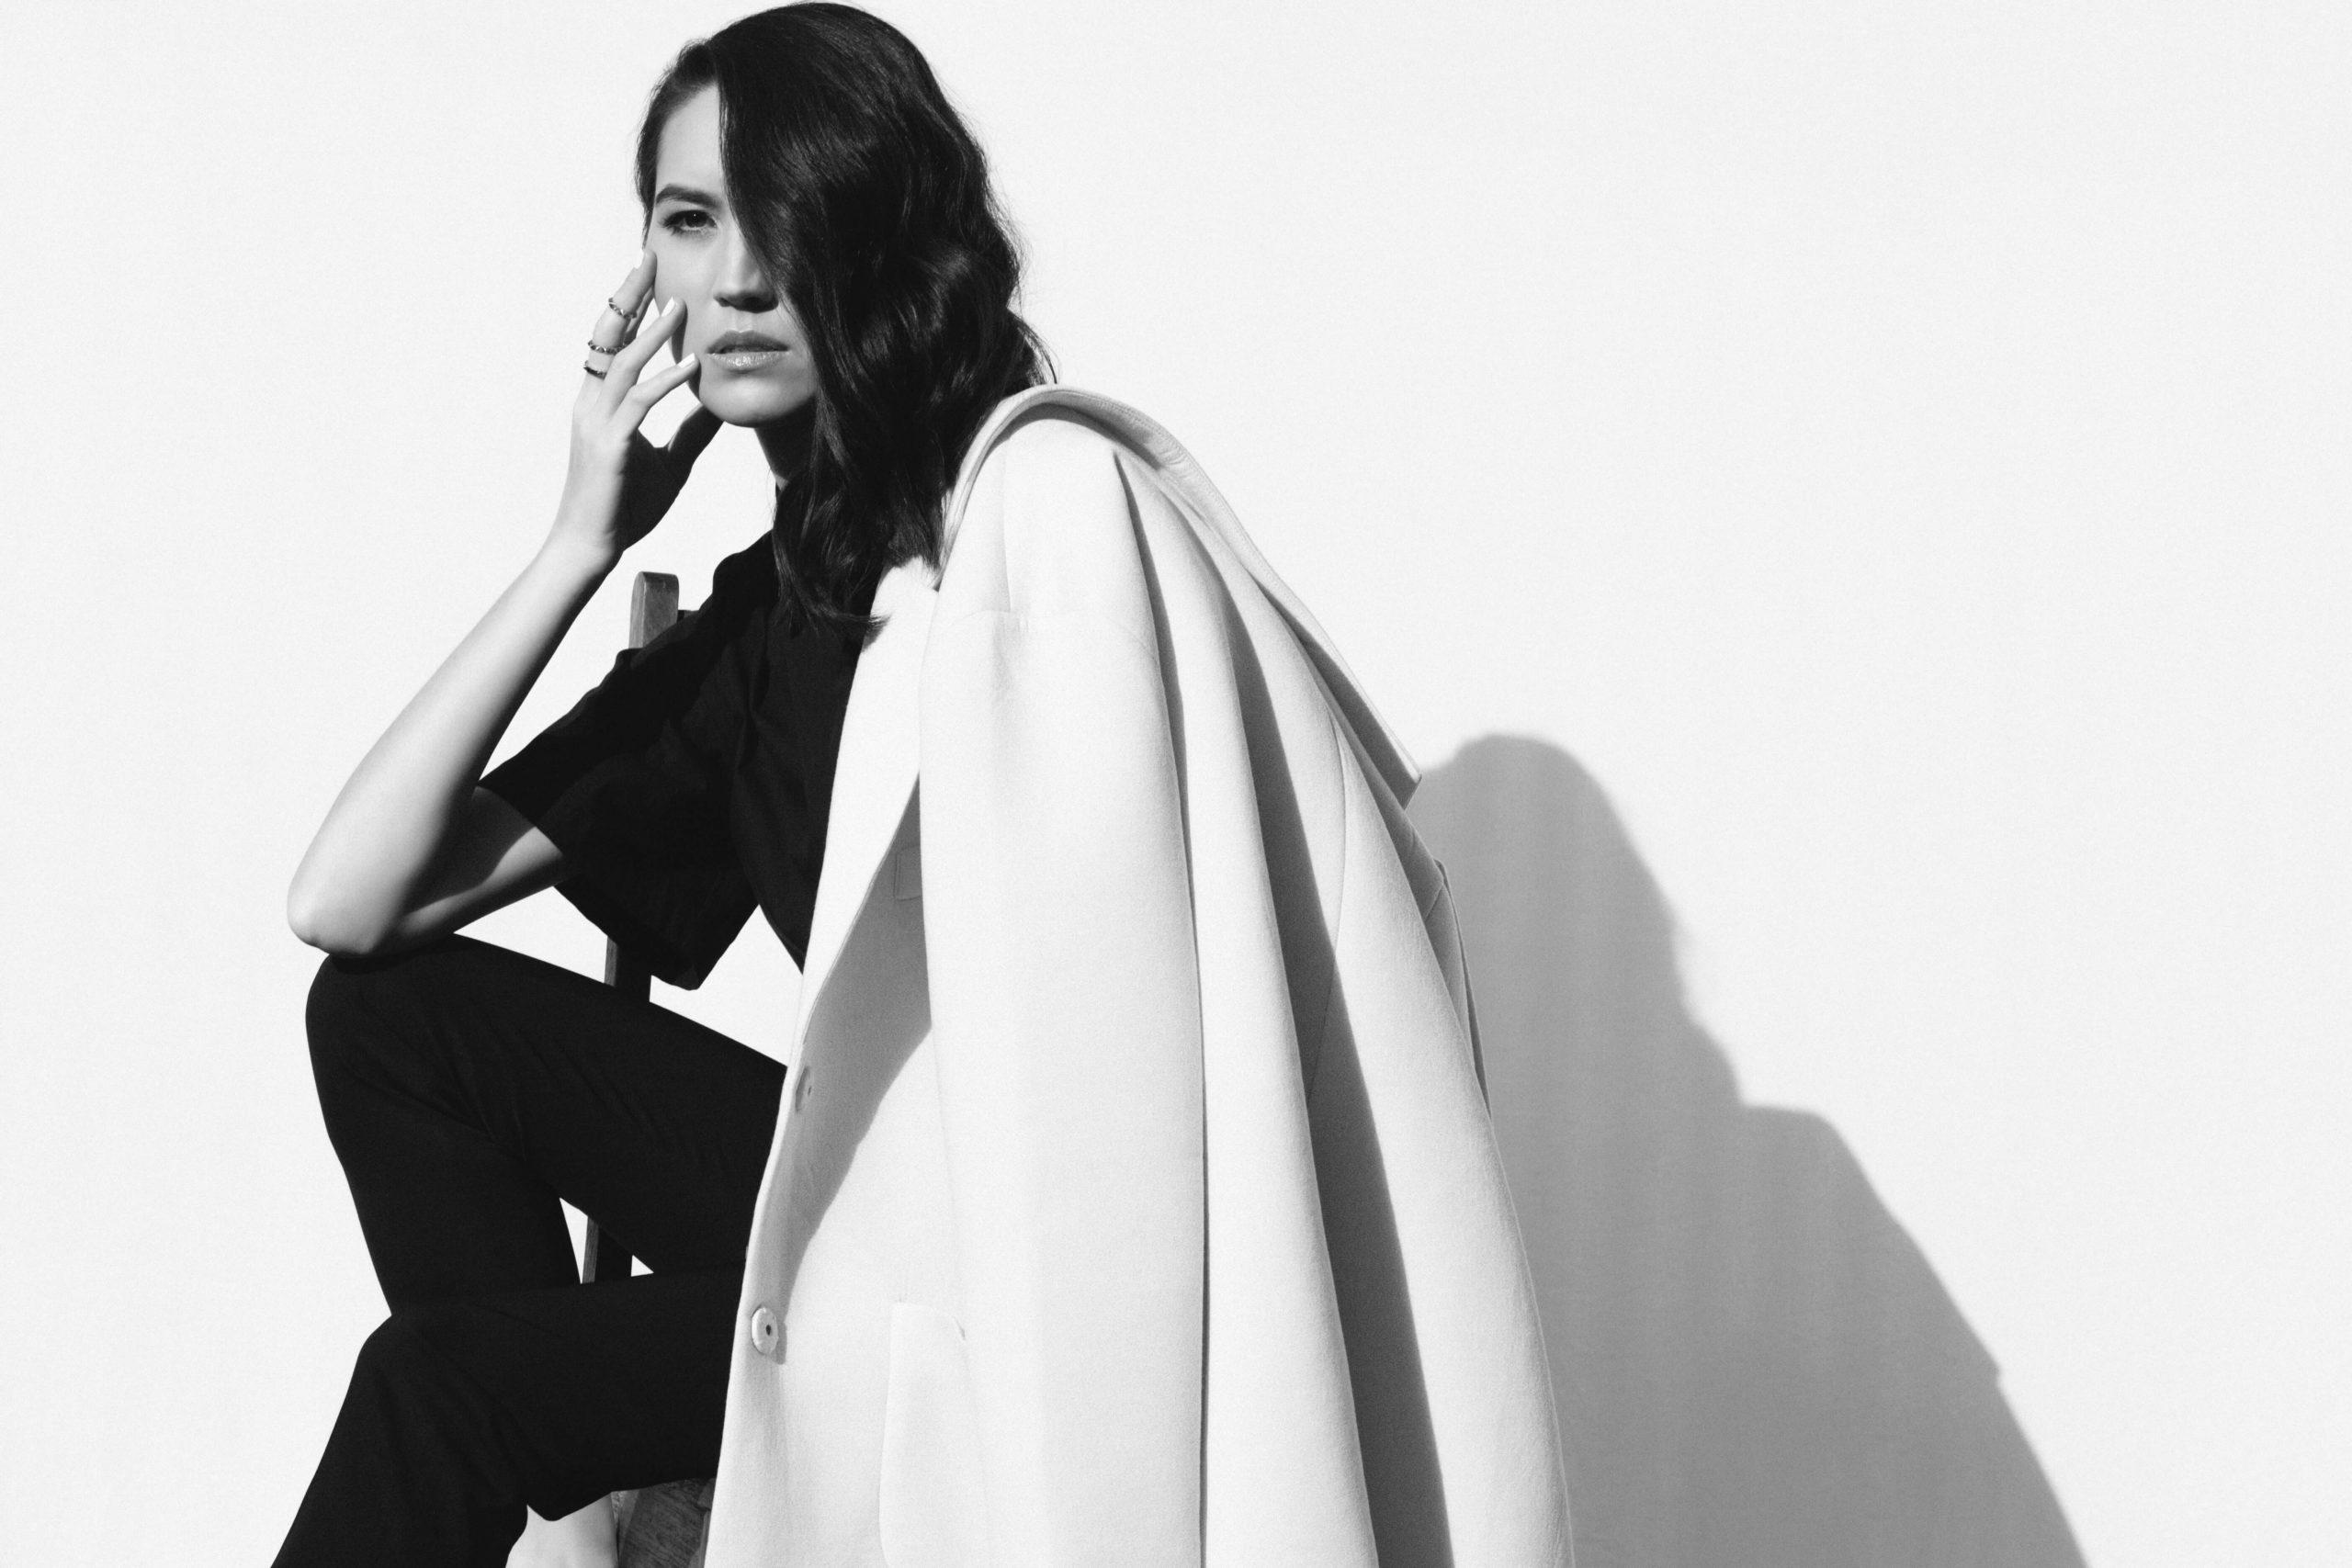 「簡単にオシャレになりたい大人の女性向け」ファッションレンタルランキングの対象